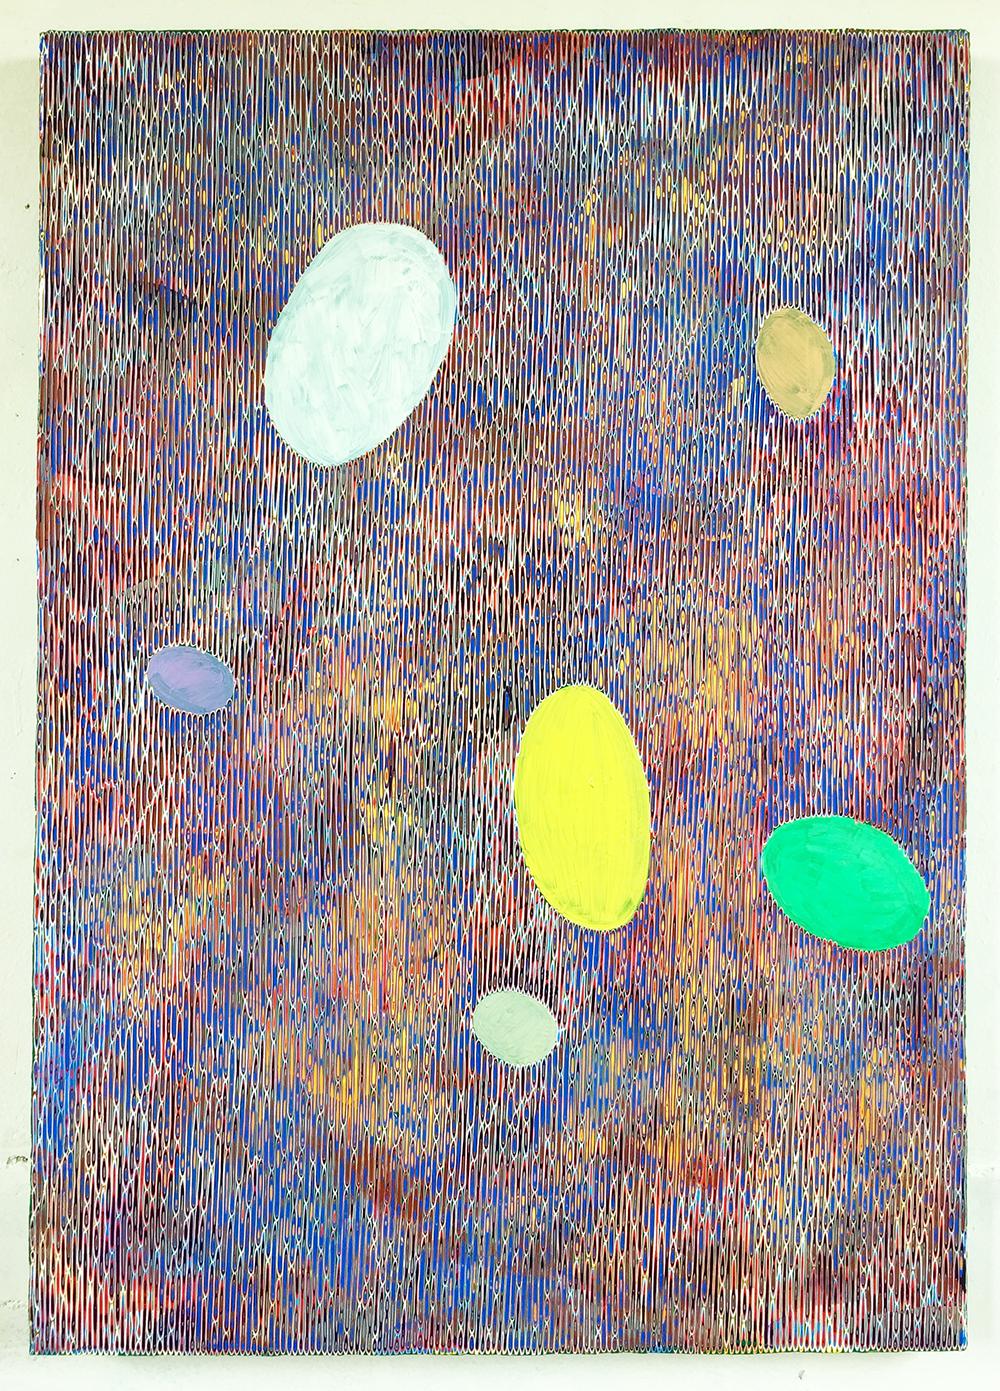 《绘画—鹅卵石15》86x122cm 2018年